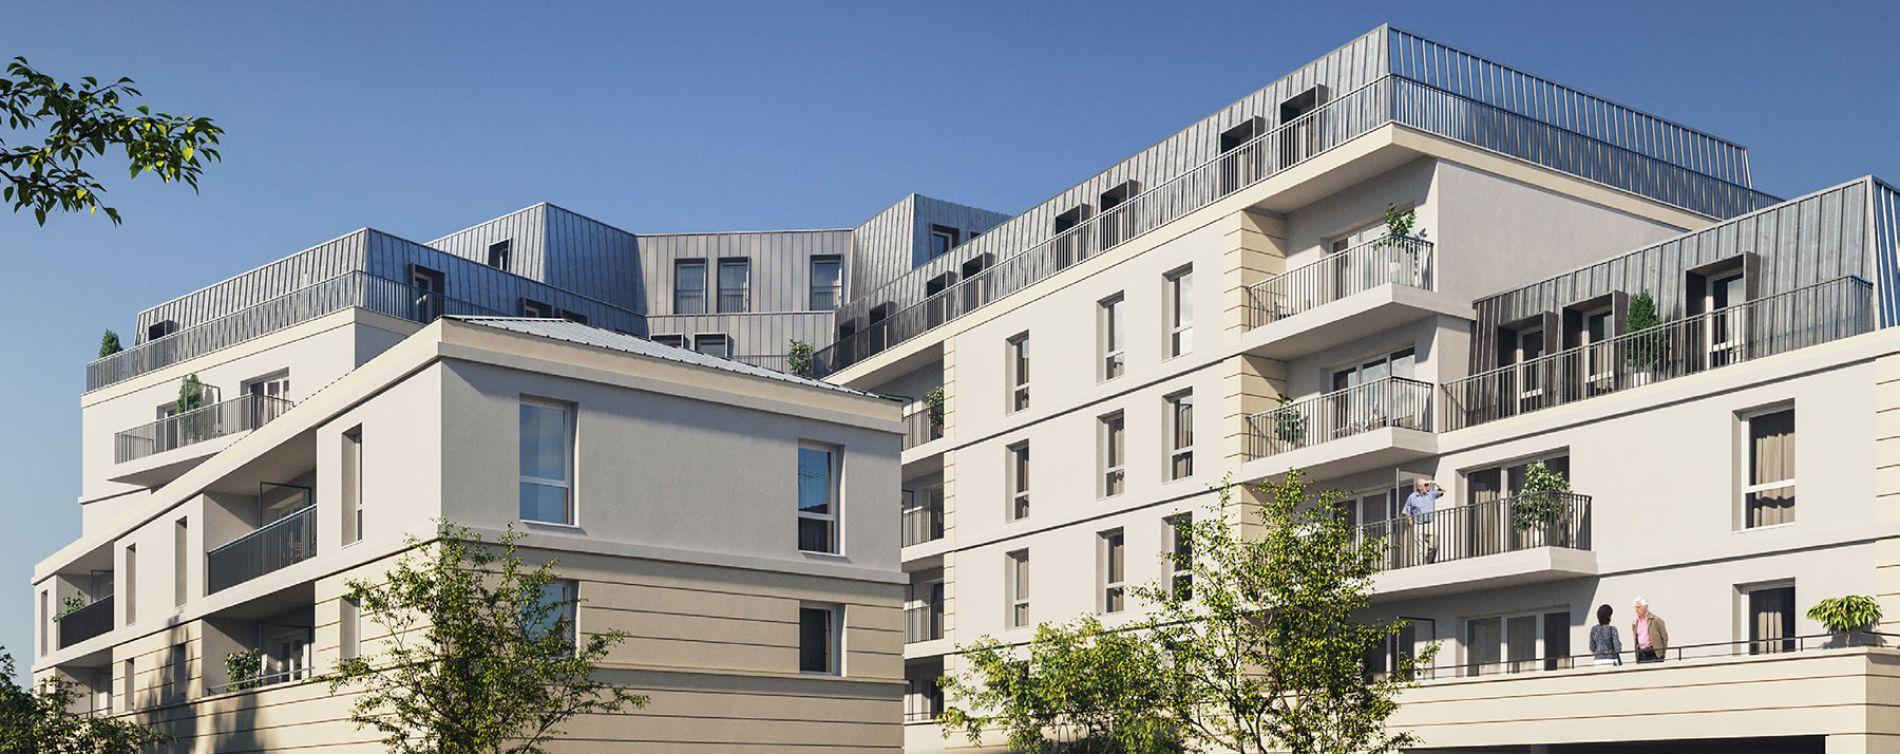 Limoges : programme immobilier neuve « Fleur d'Orme »